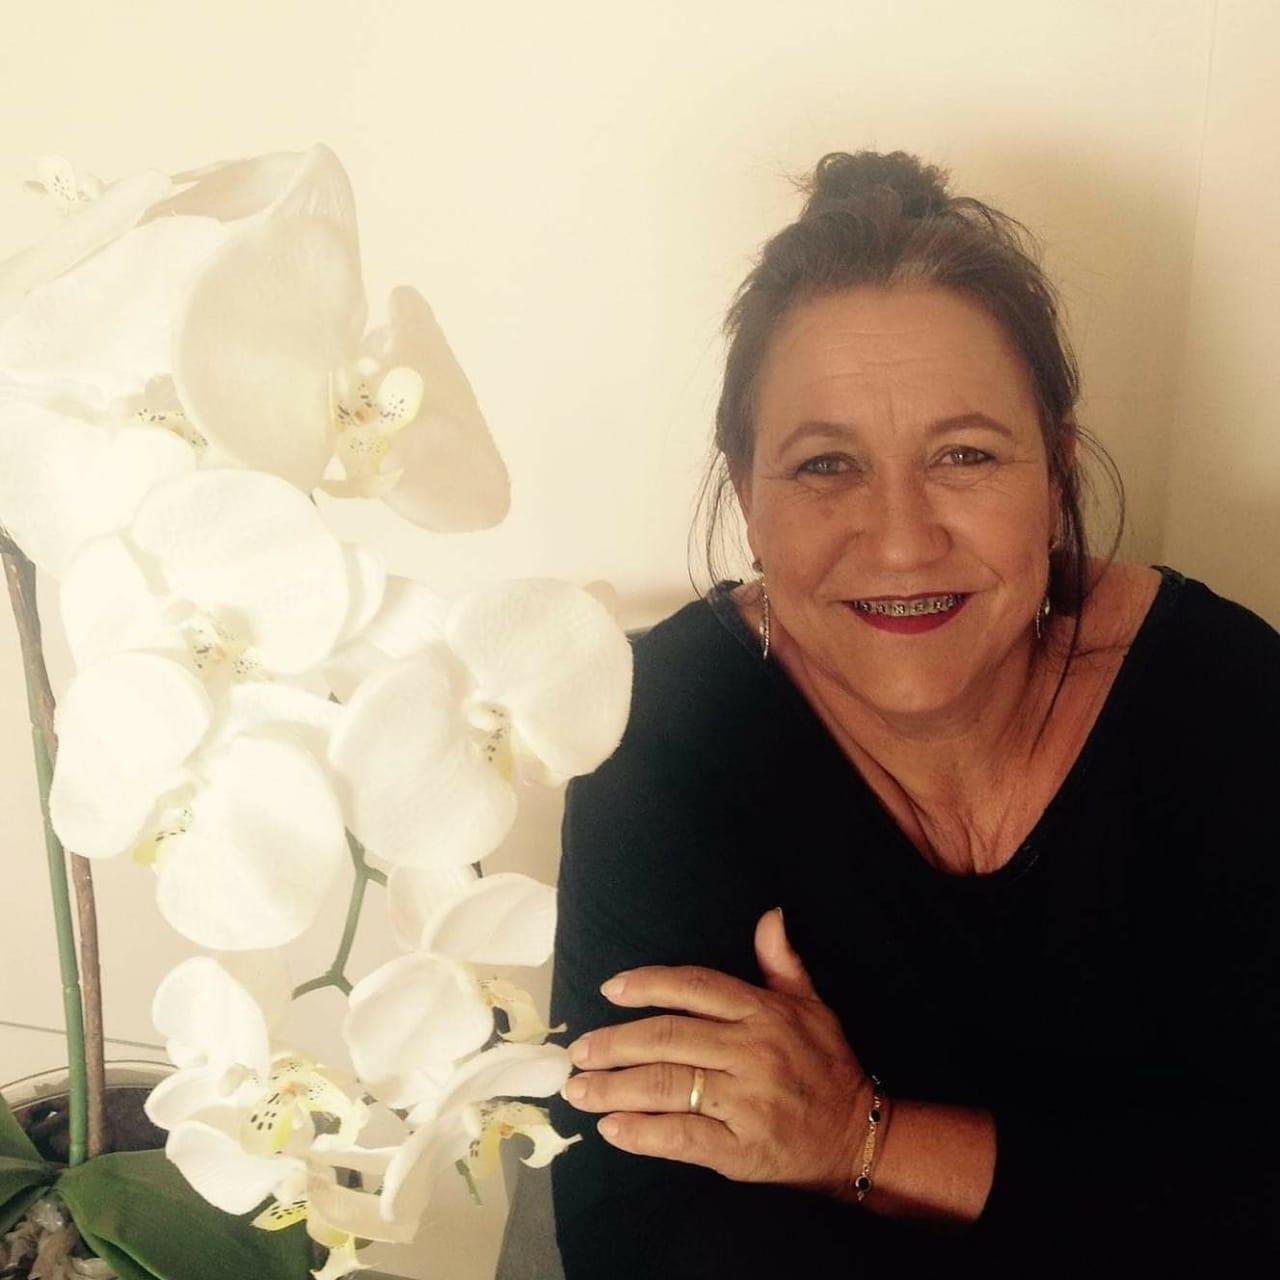 IMG 20190425 WA0083 - Dia 12 de maio dia das Mães no Jardins Mangueiral foi com muta diverção e alegria com um lindo café da manha